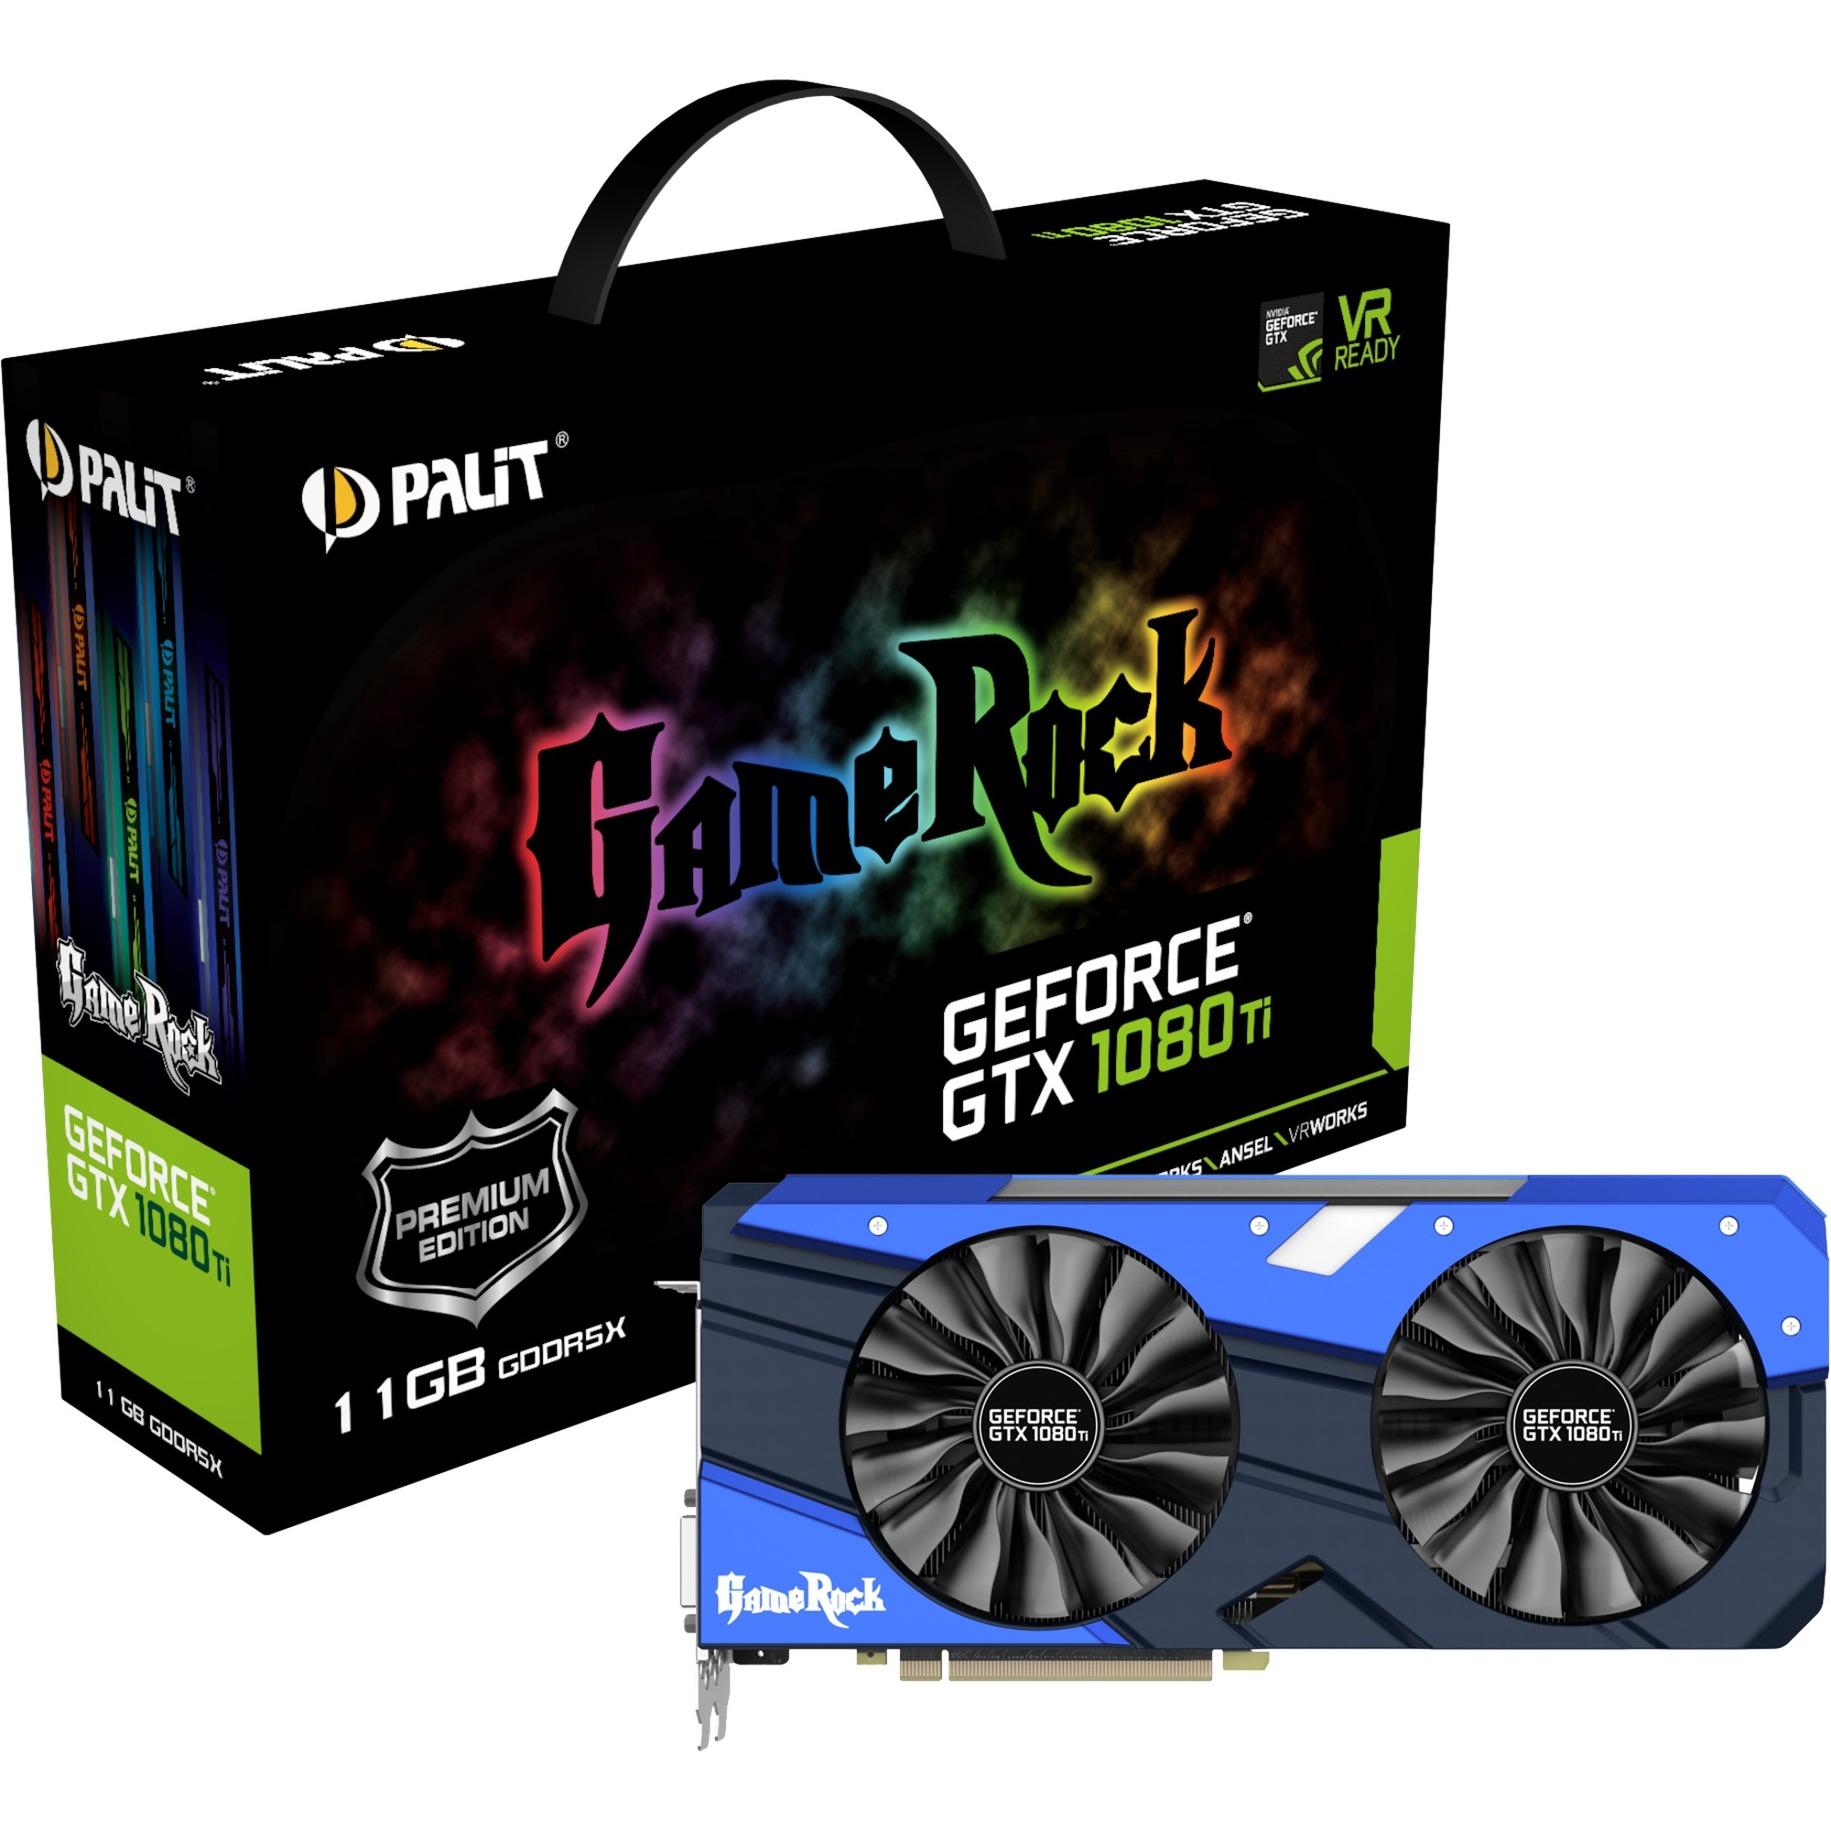 GeForce GTX 1080 Ti GameRock Premium Edition GeForce GTX 1080 TI 11GB GDDR5X, Tarjeta gráfica